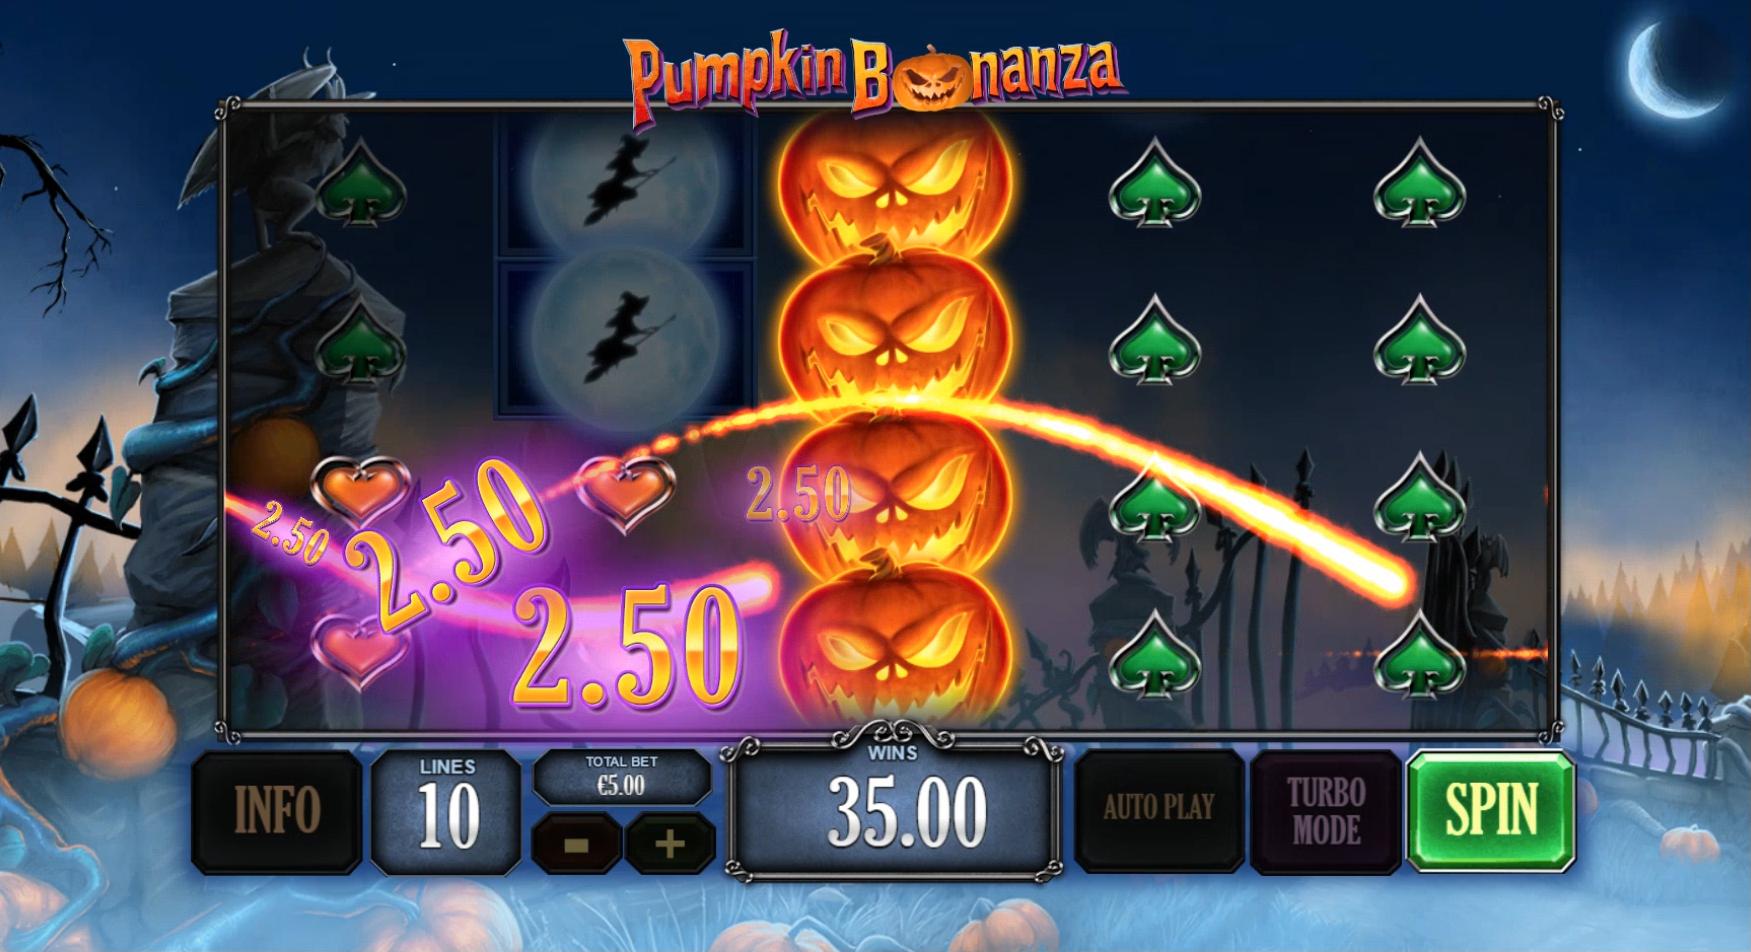 playtech :: playtech's pumpkin bonanza: halloween-themed slot and